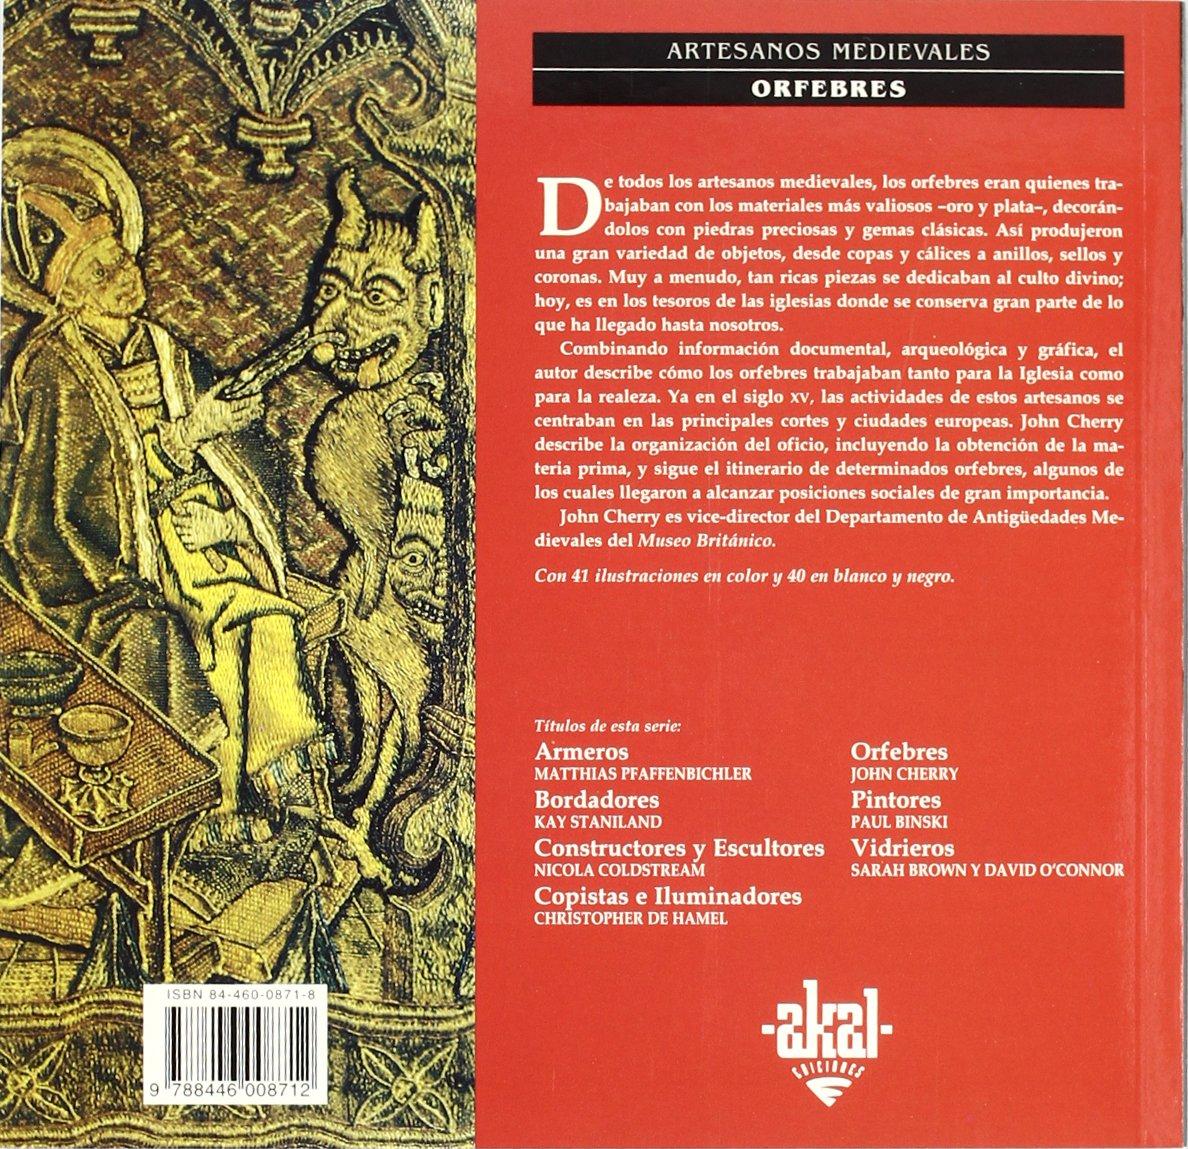 Orfebres (Artesanos medievales): Amazon.es: John Cherry, Julio Rodríguez Puértolas: Libros